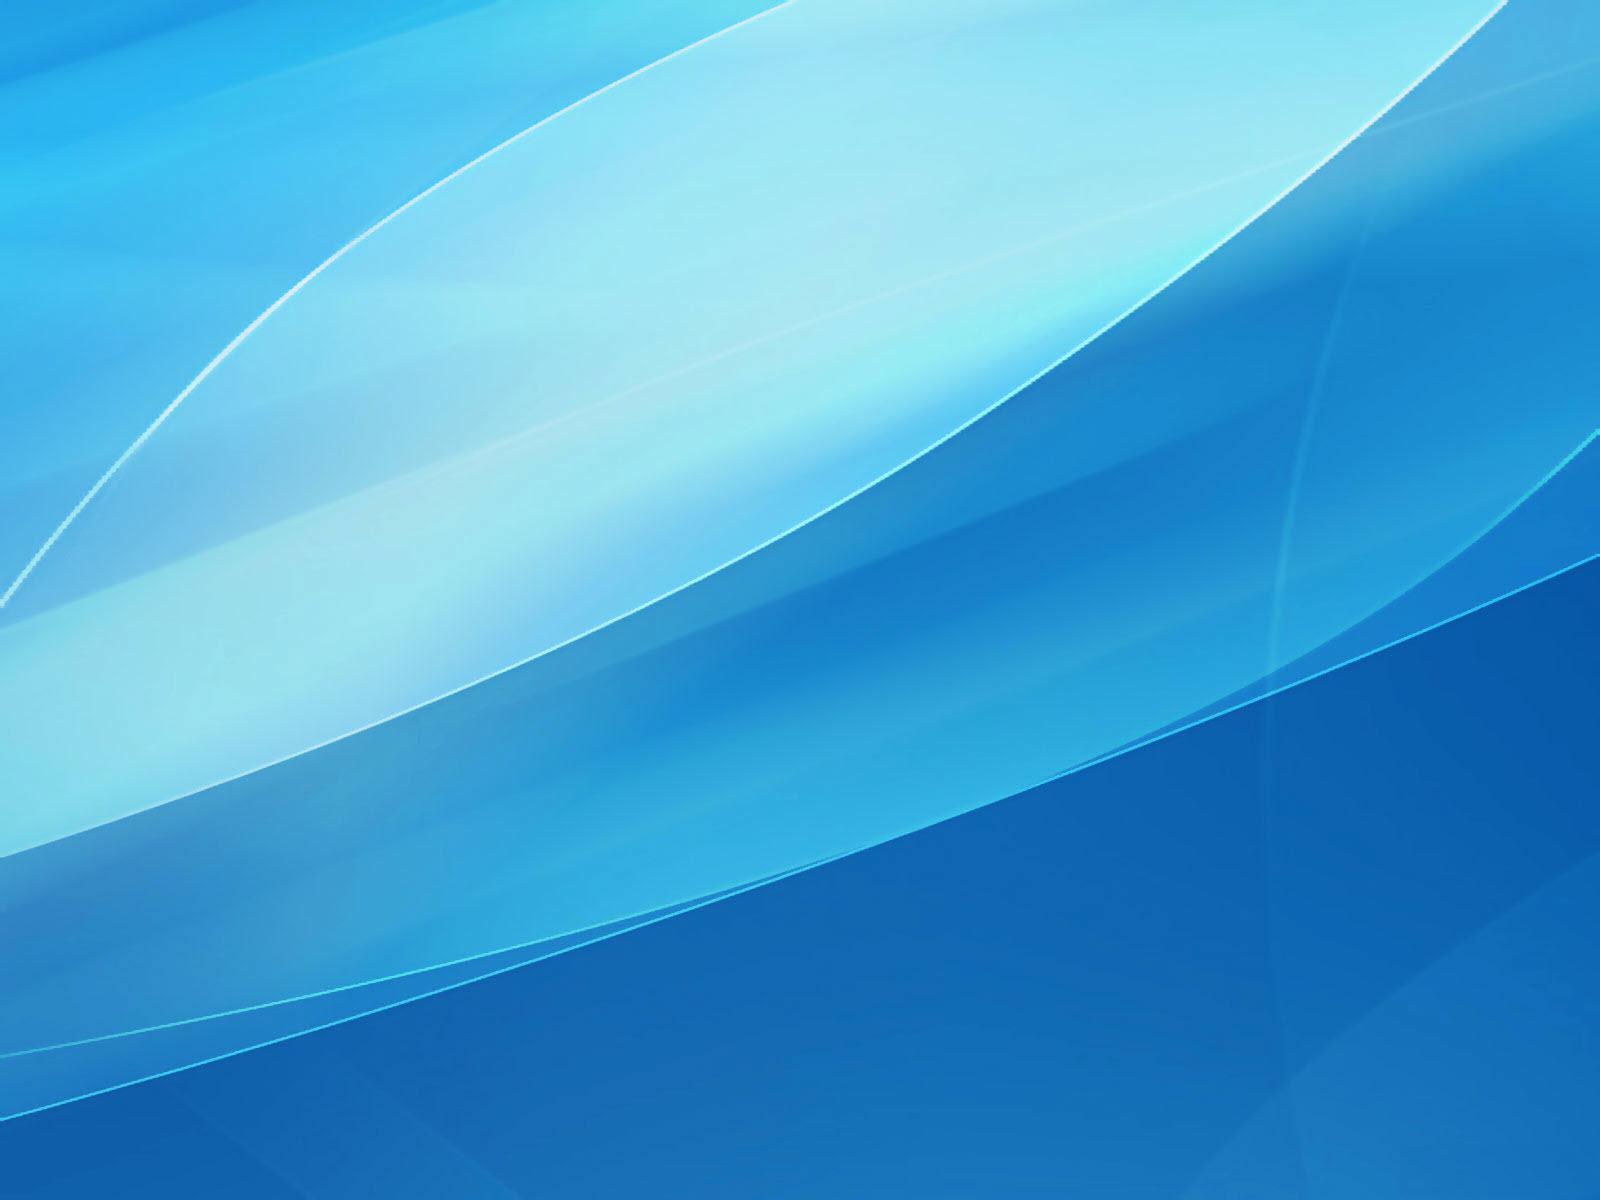 Hình nền powerpoint đơn giản tinh tế